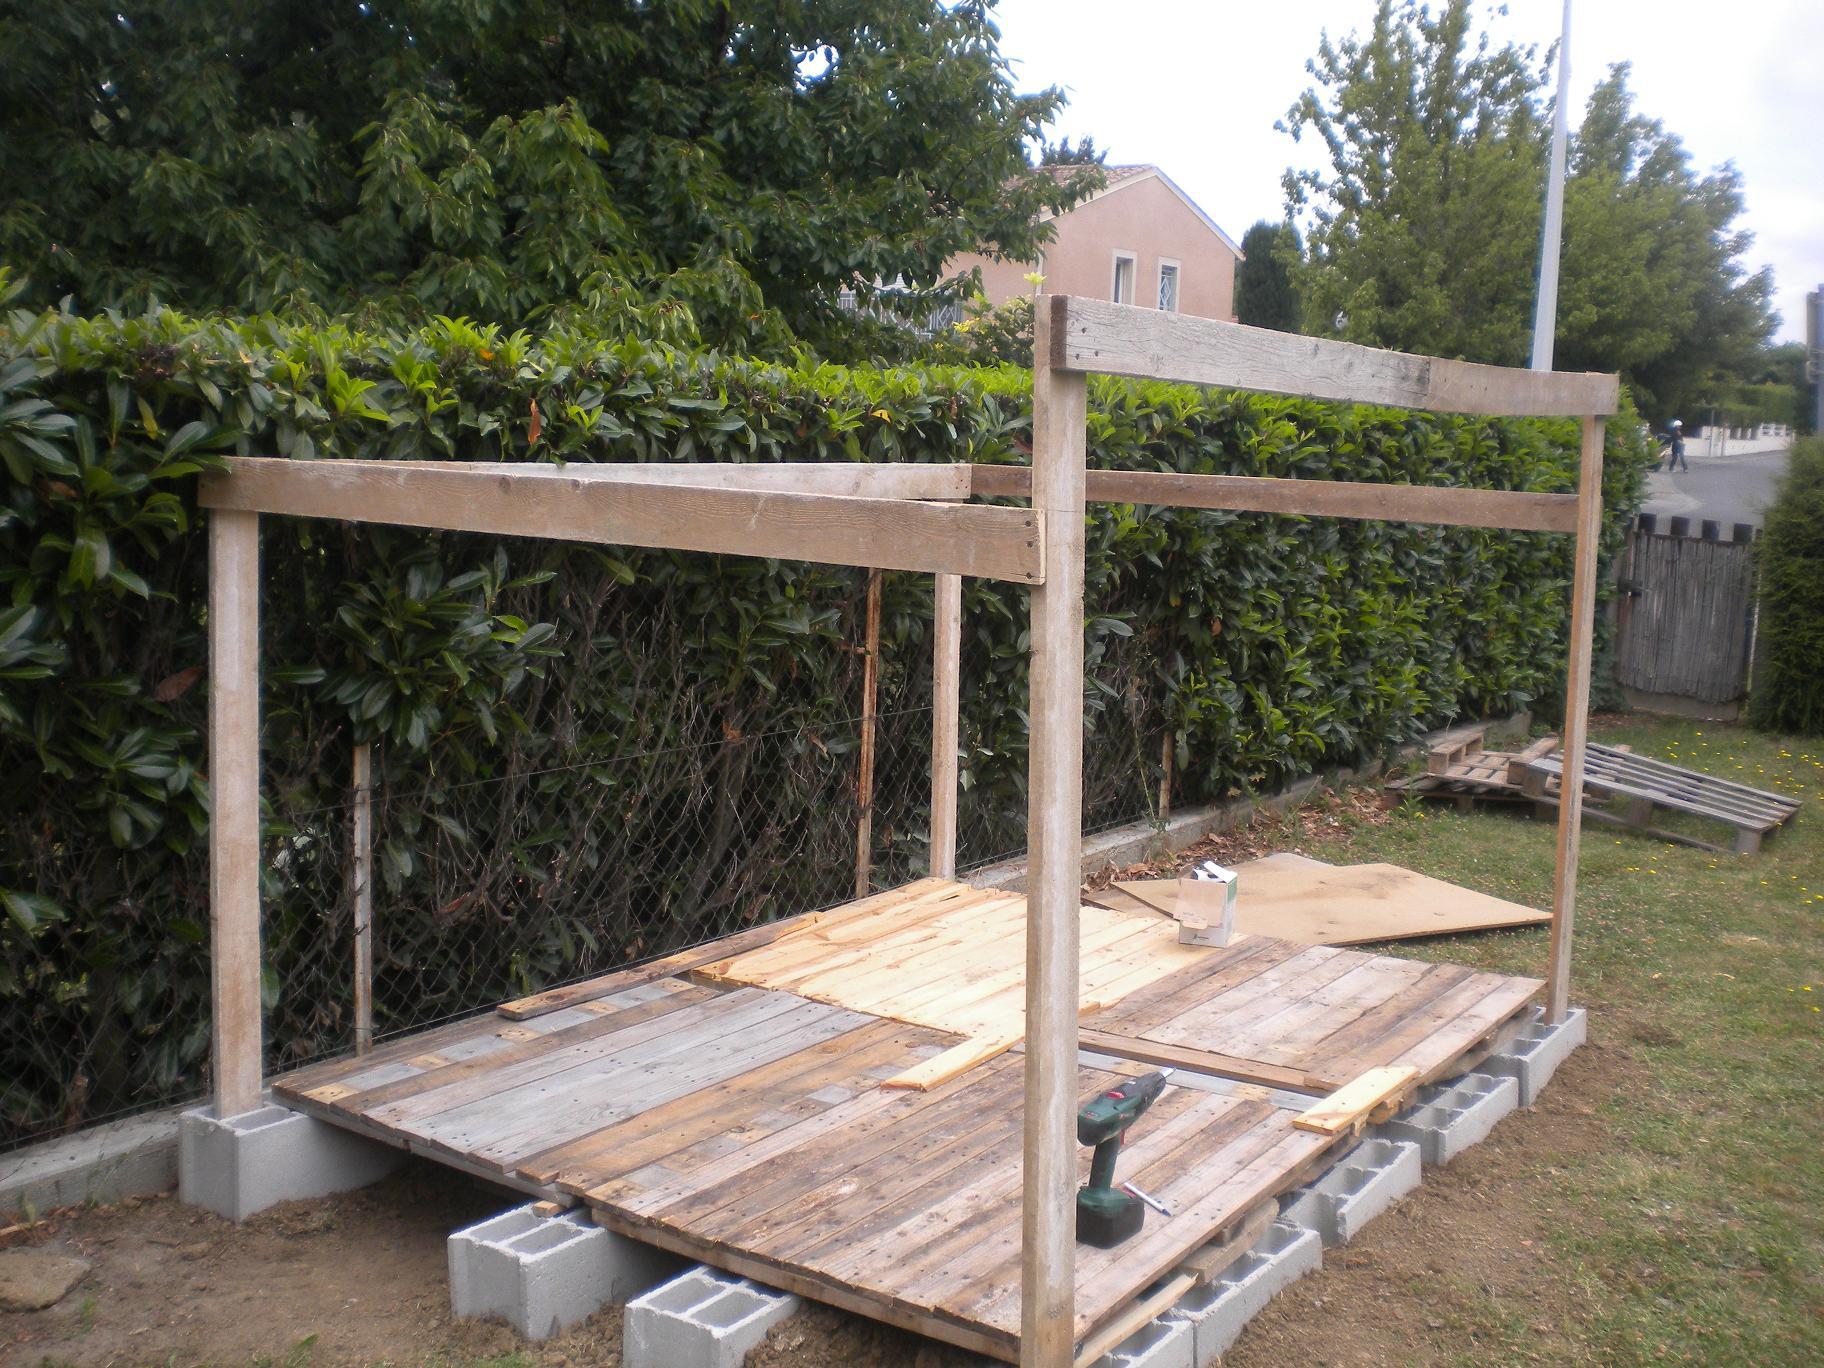 Construction cabane de jardin en palette - Châlet, maison et cabane